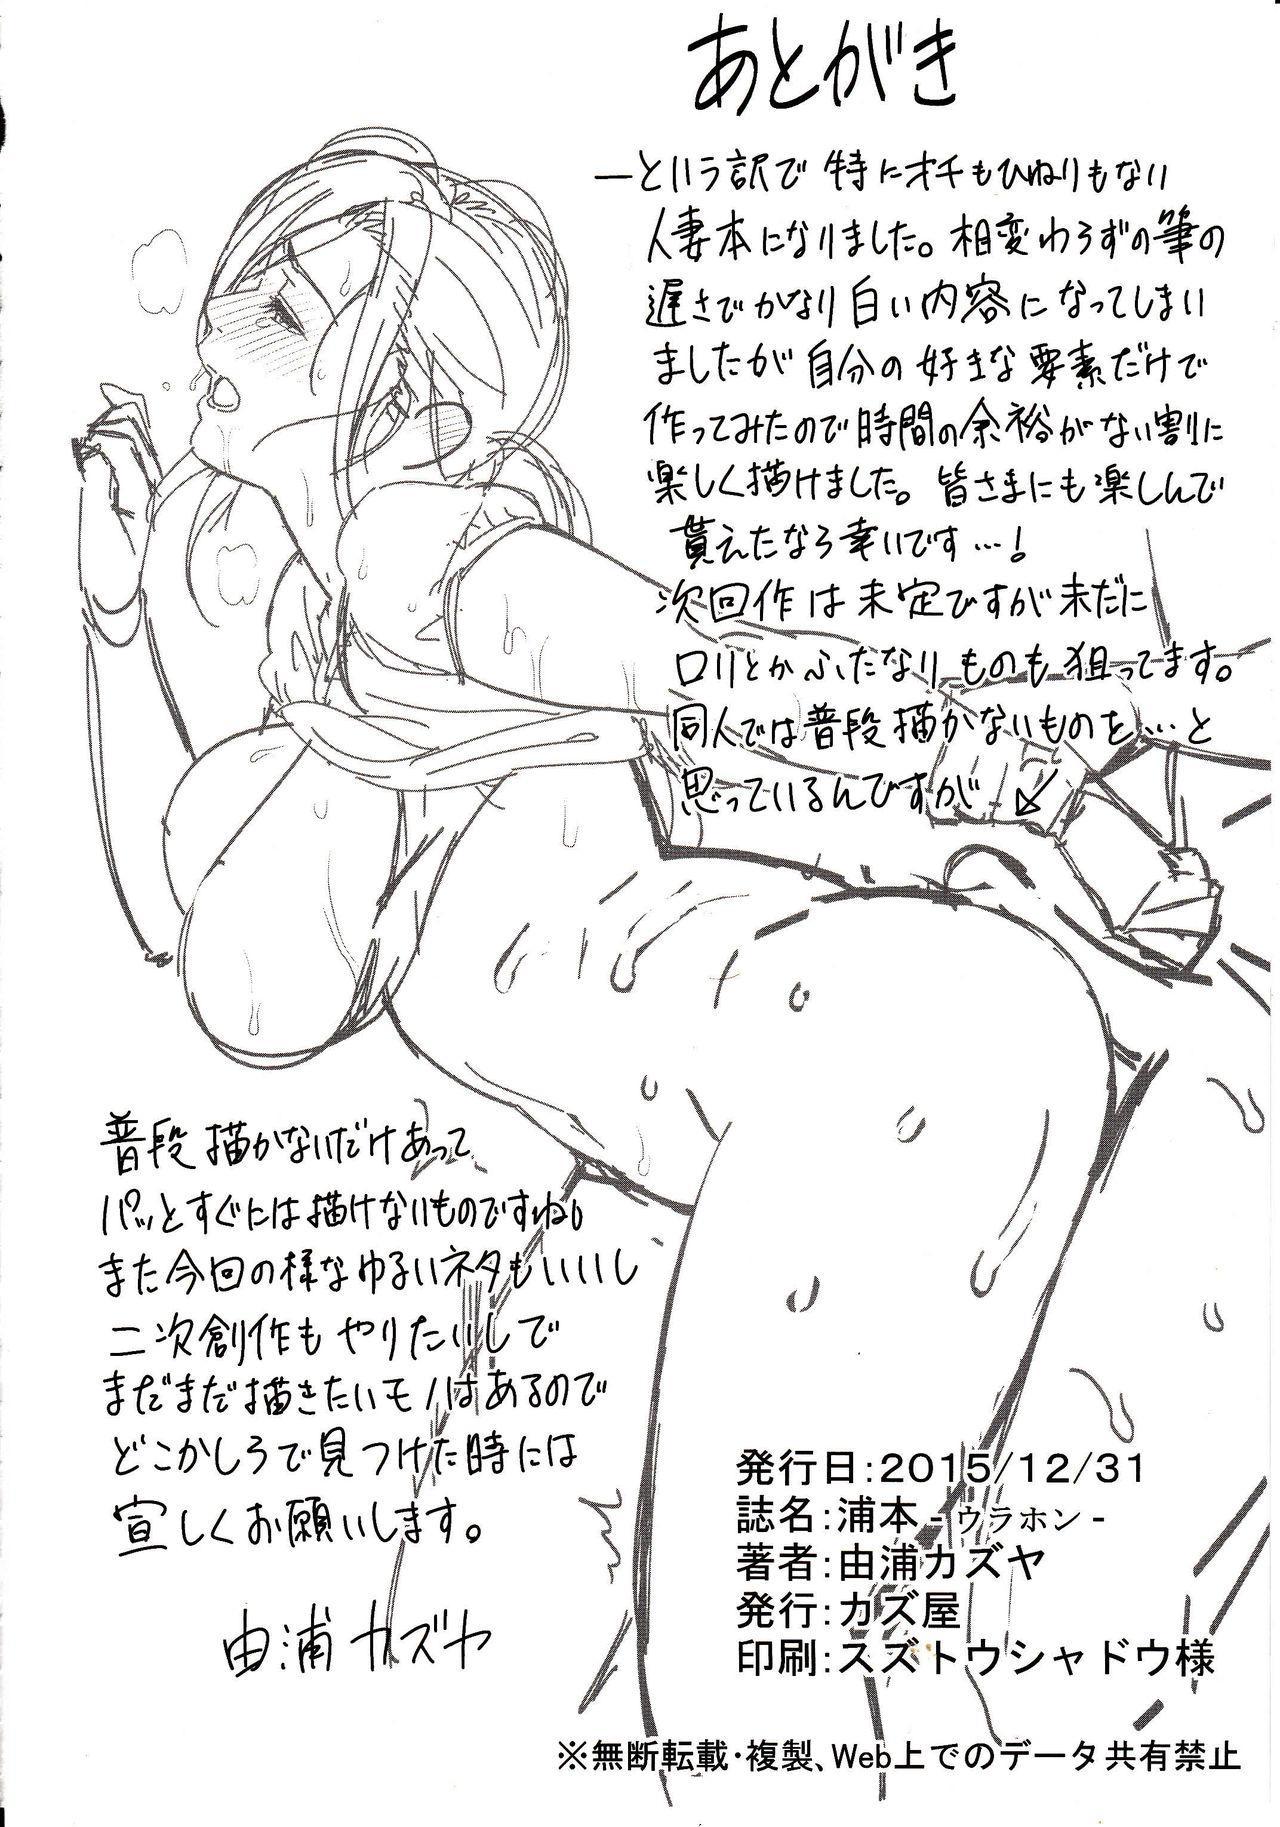 Urahon 12